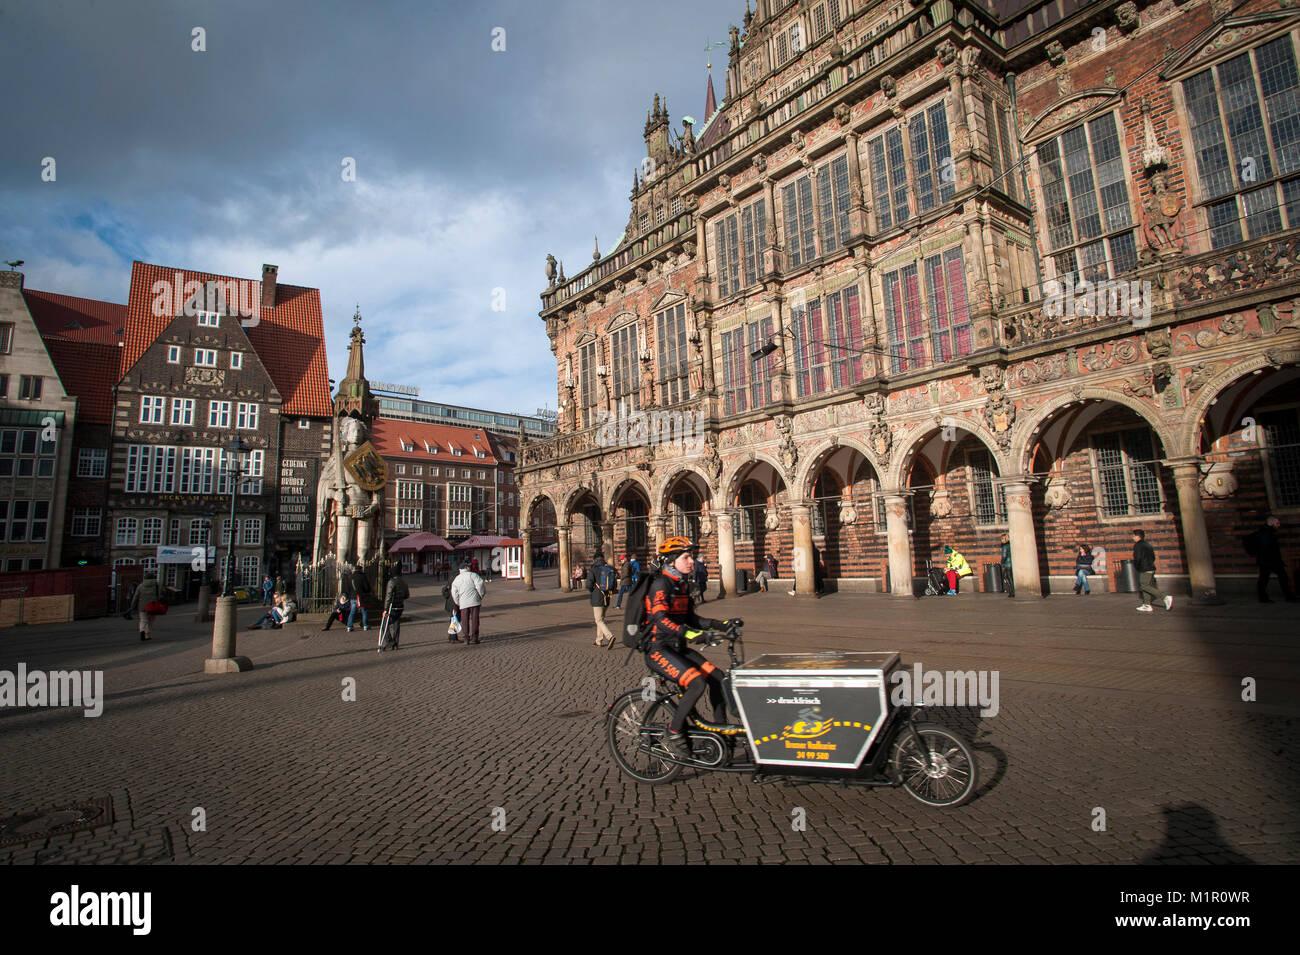 La vita quotidiana all'Am Markt, nel centro storico di Brema, Germania. Immagini Stock